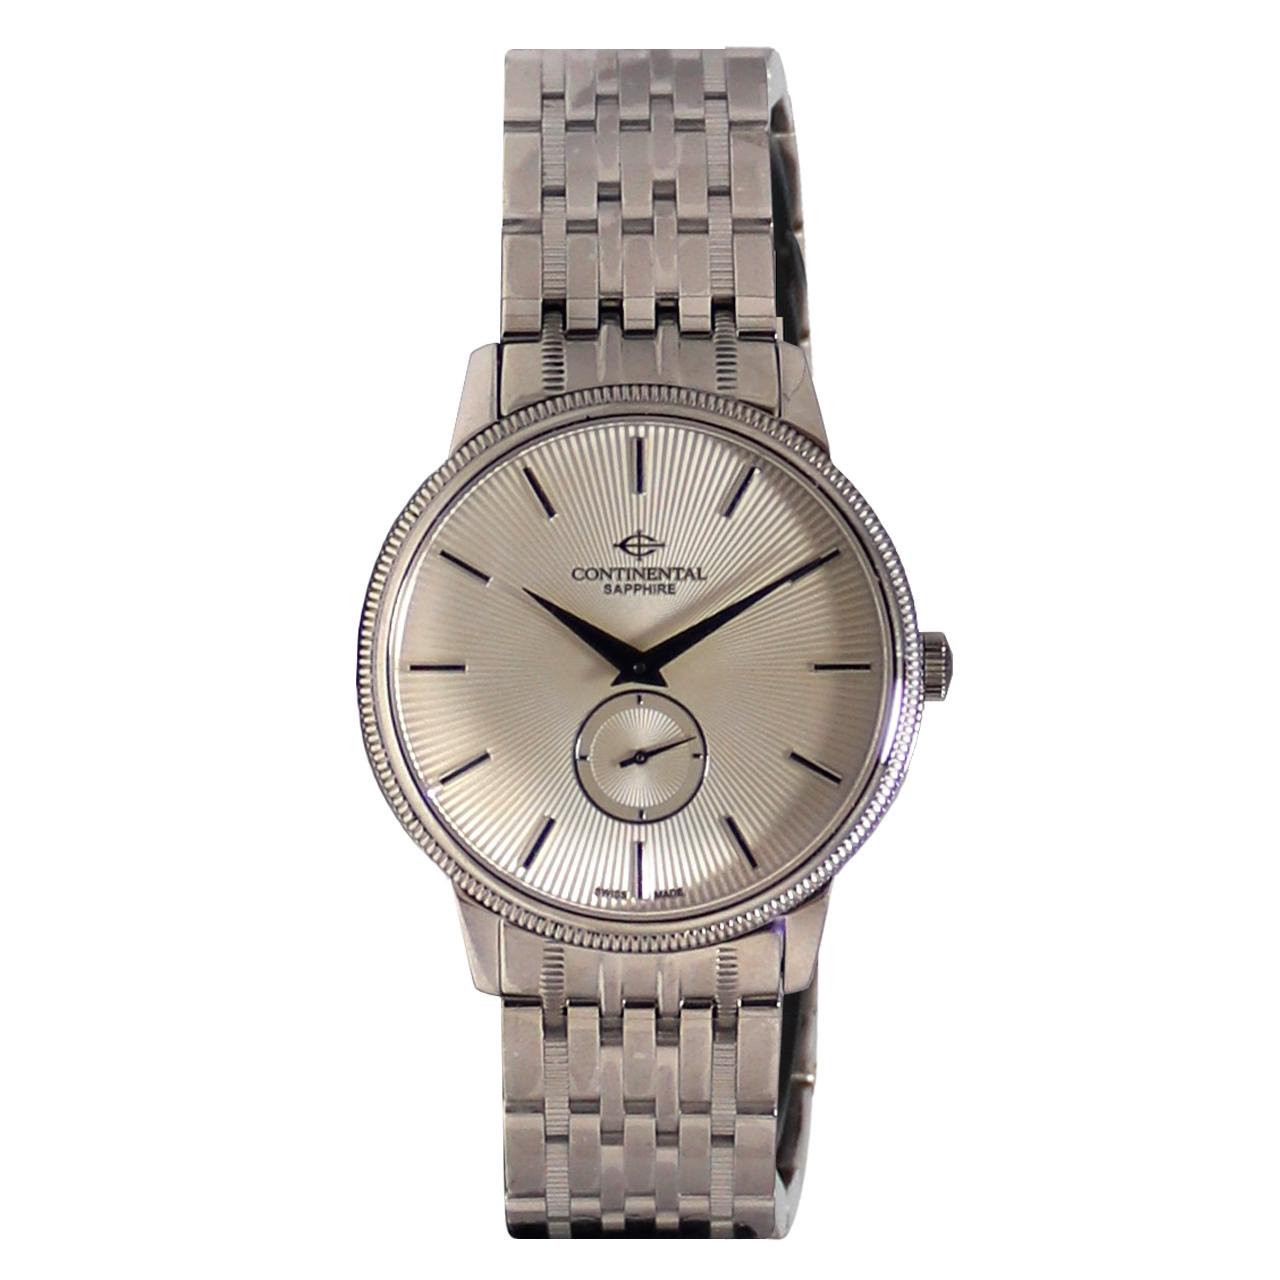 ساعت مچی عقربه ای مردانه کنتیننتال مدل 107-15201 26